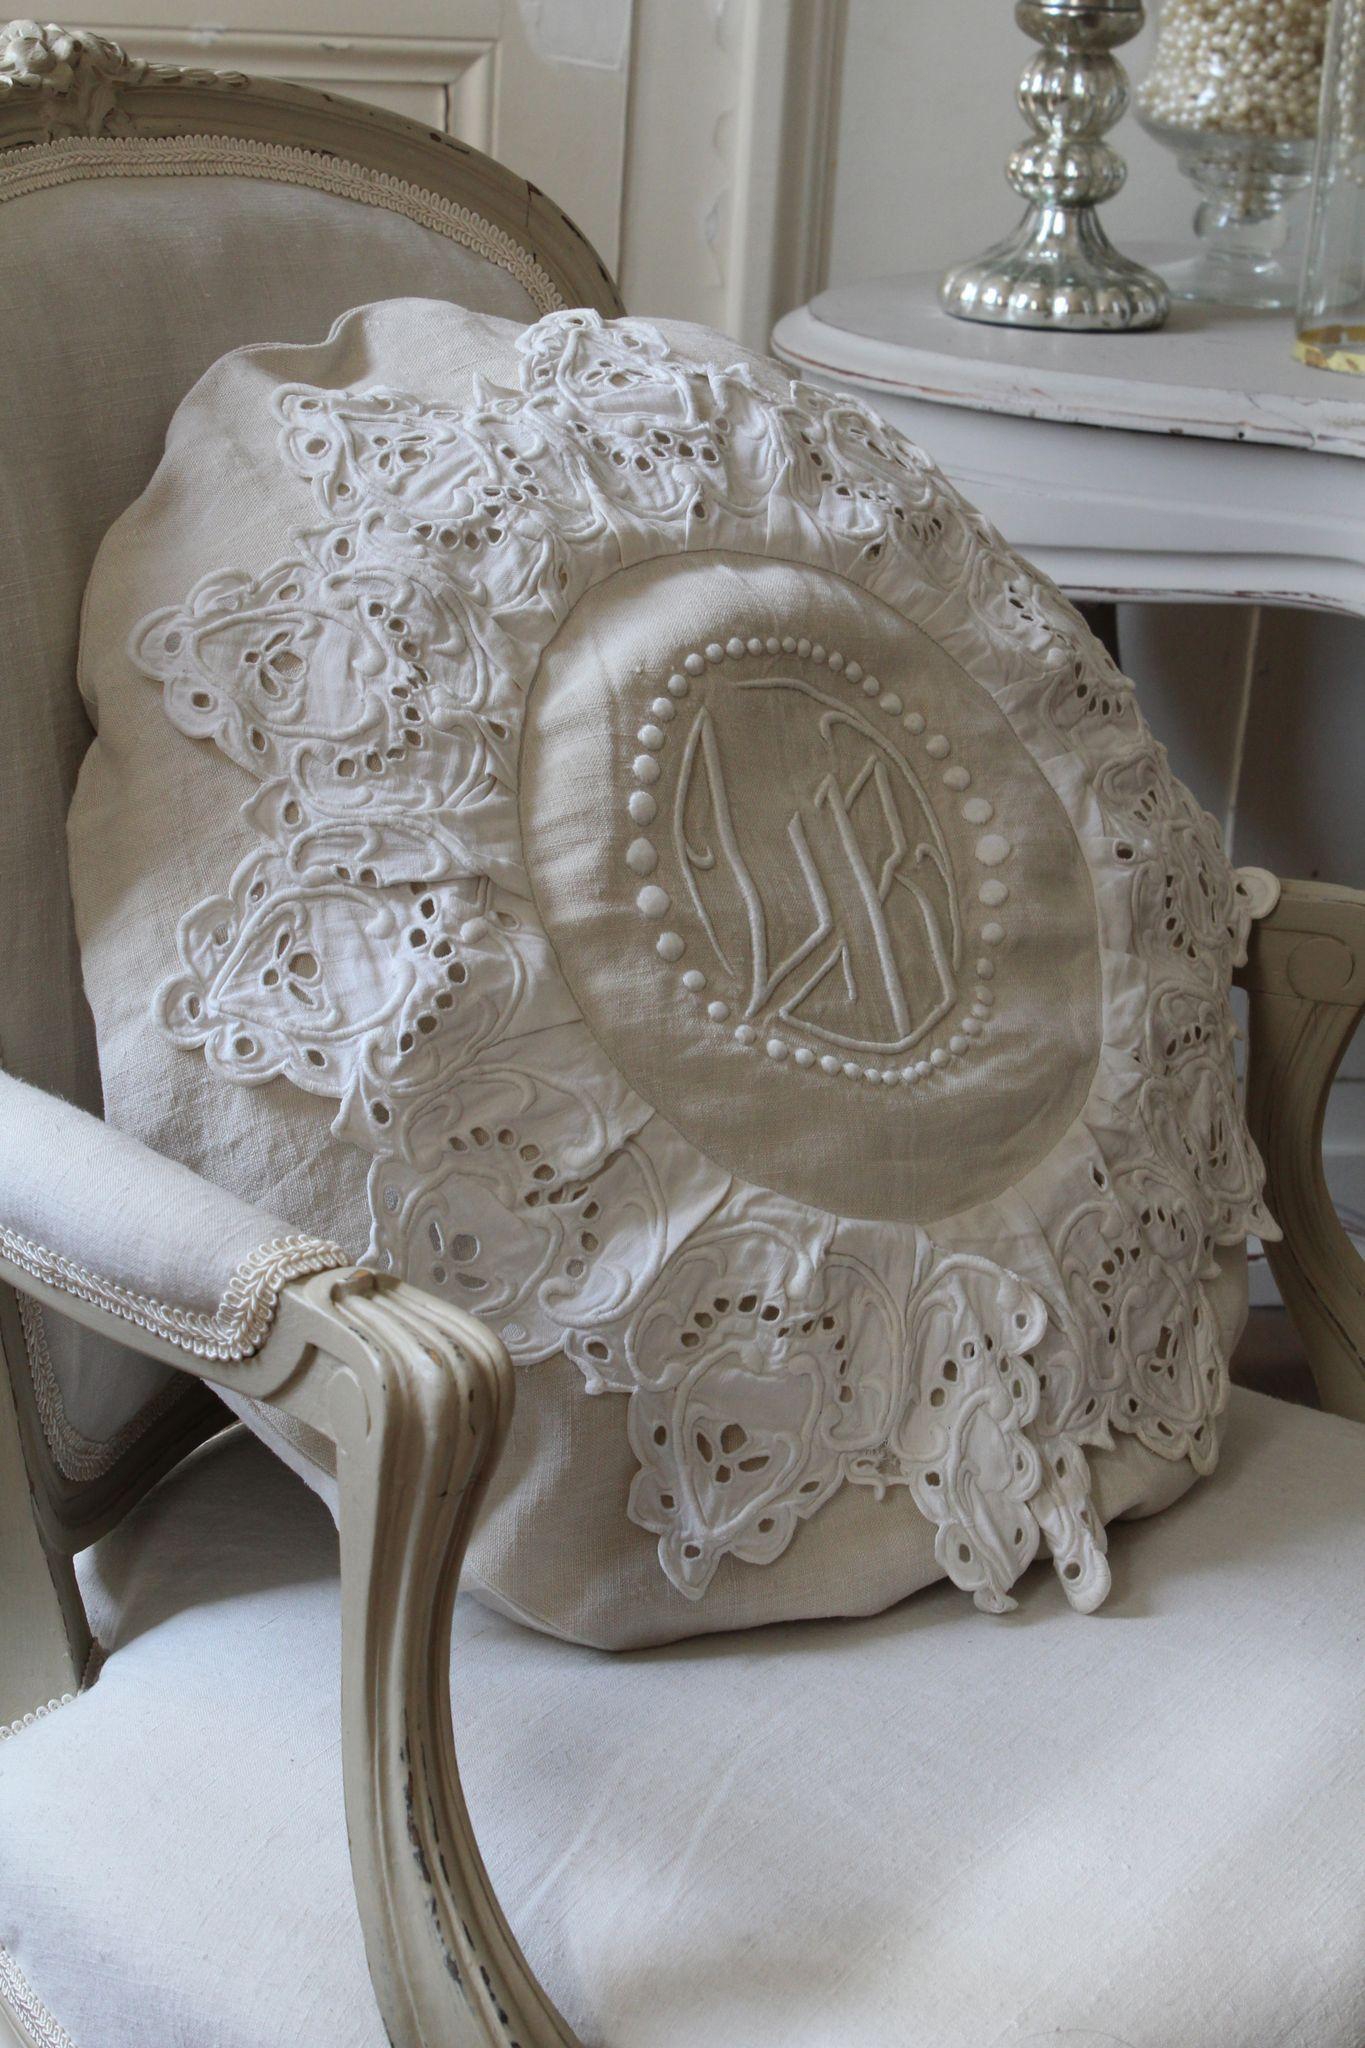 Coussin fait avec des draps et broderies anciennes de récup